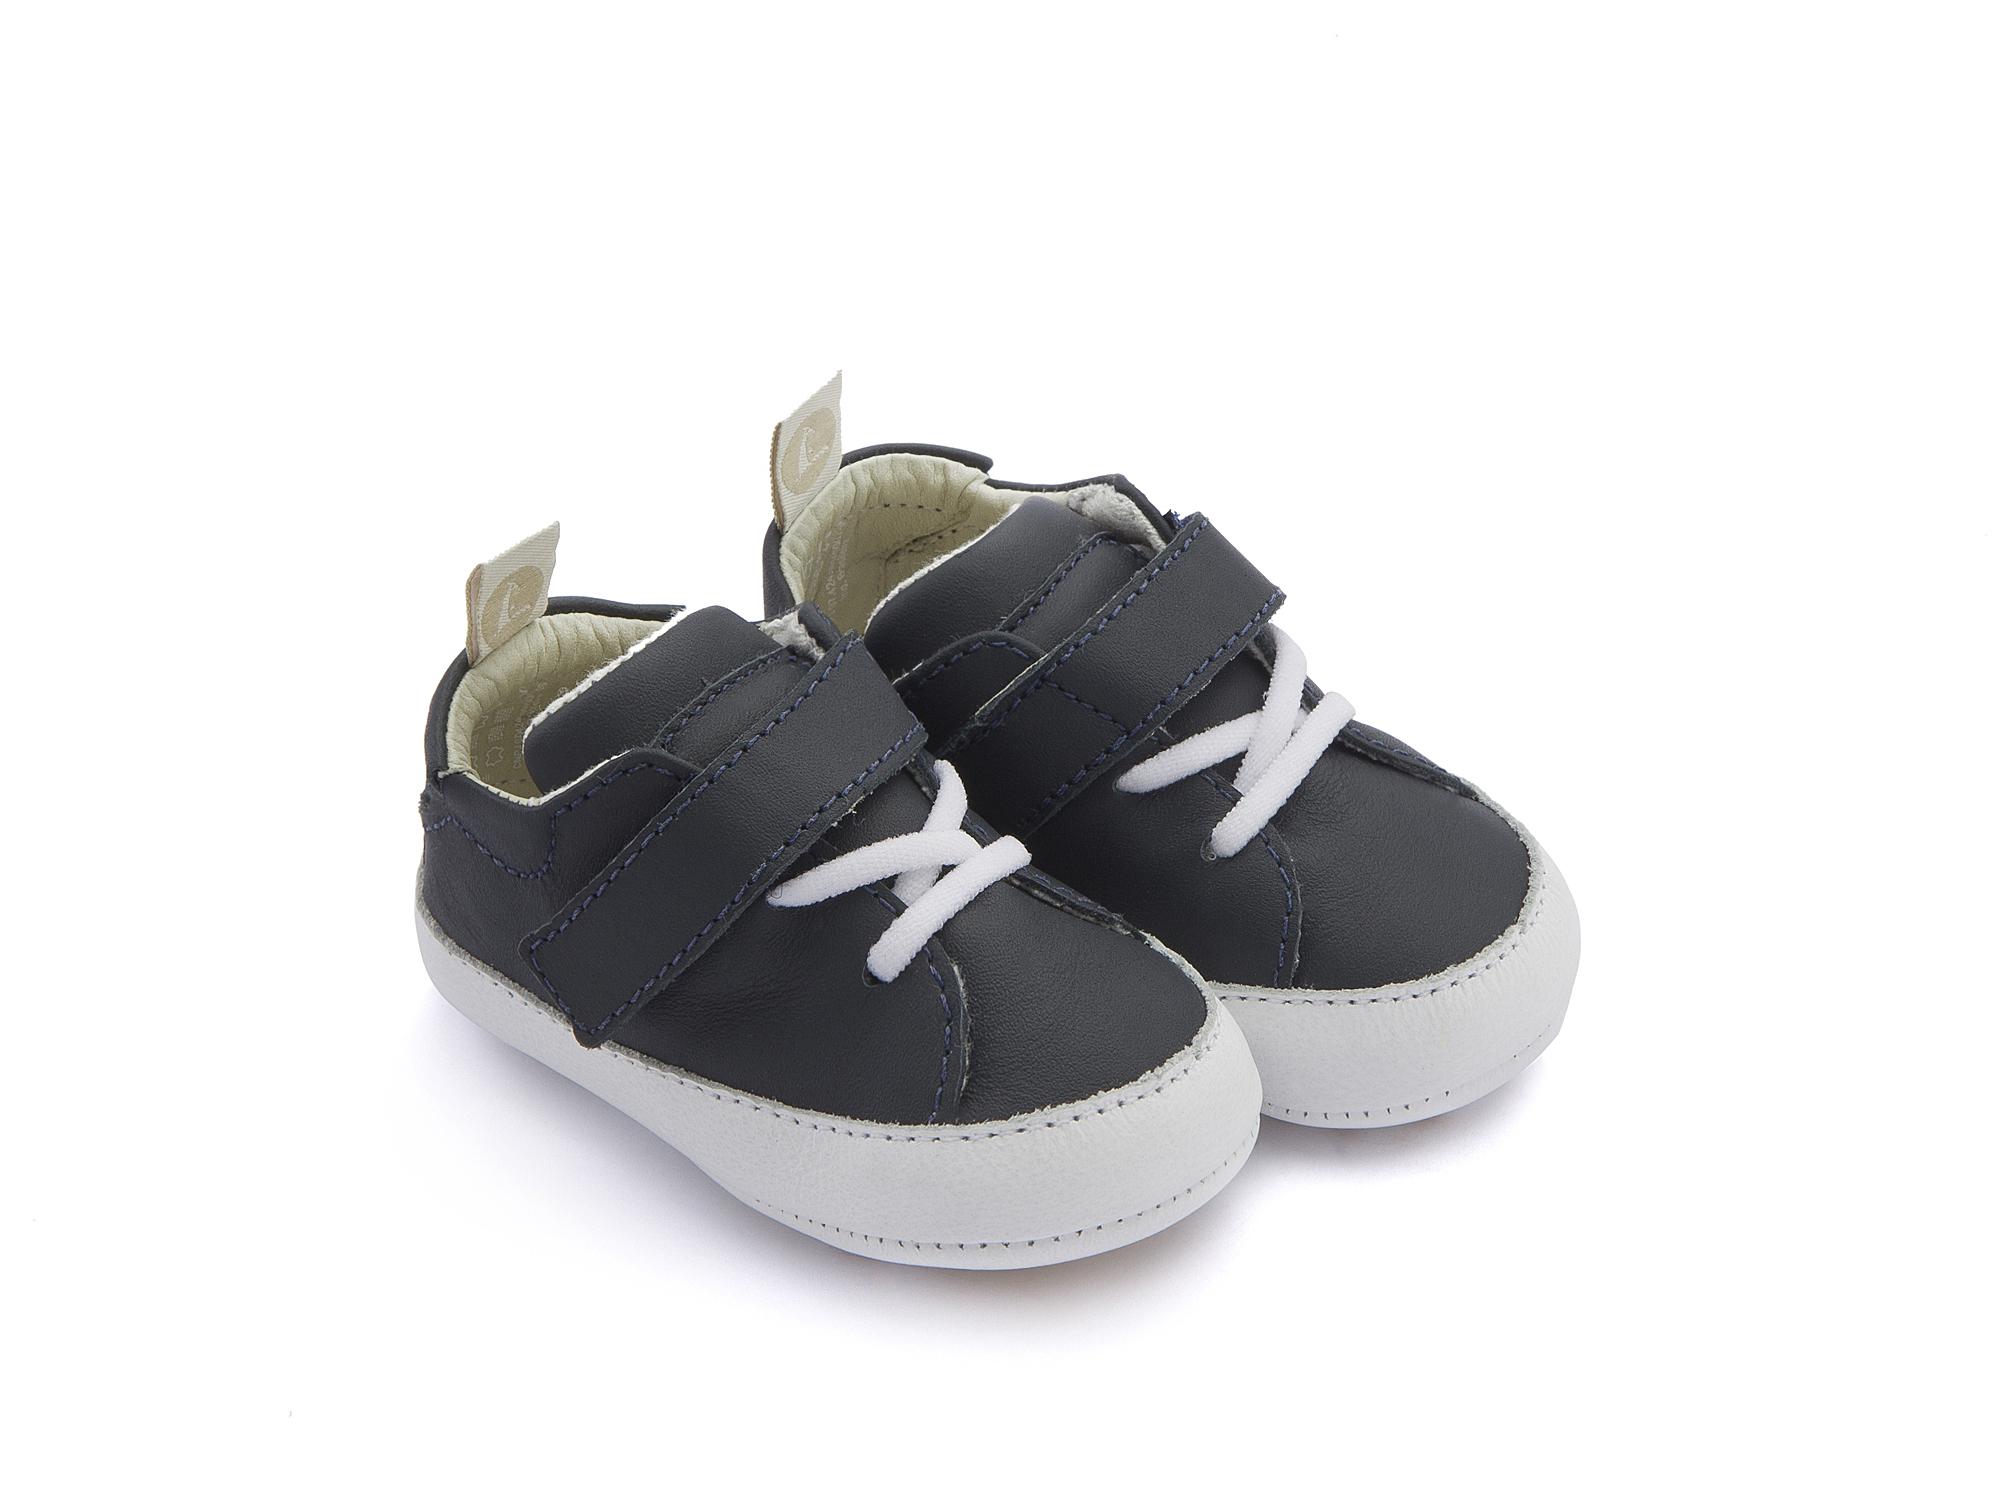 Tênis Light Navy/ White Baby 0 à 2 anos - 0